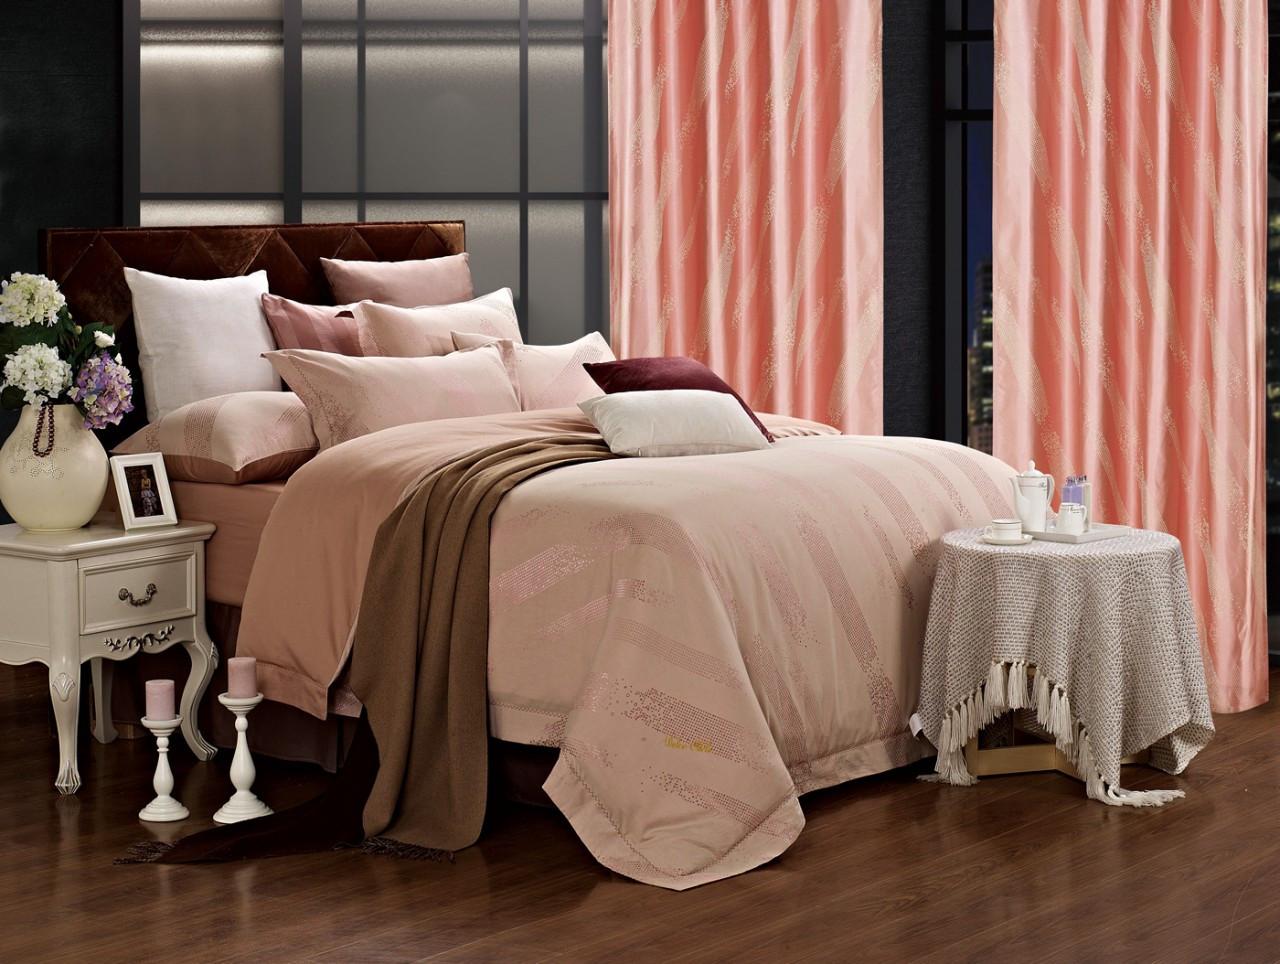 Duvet Cover Set Dolce Mela Bedding DM470K